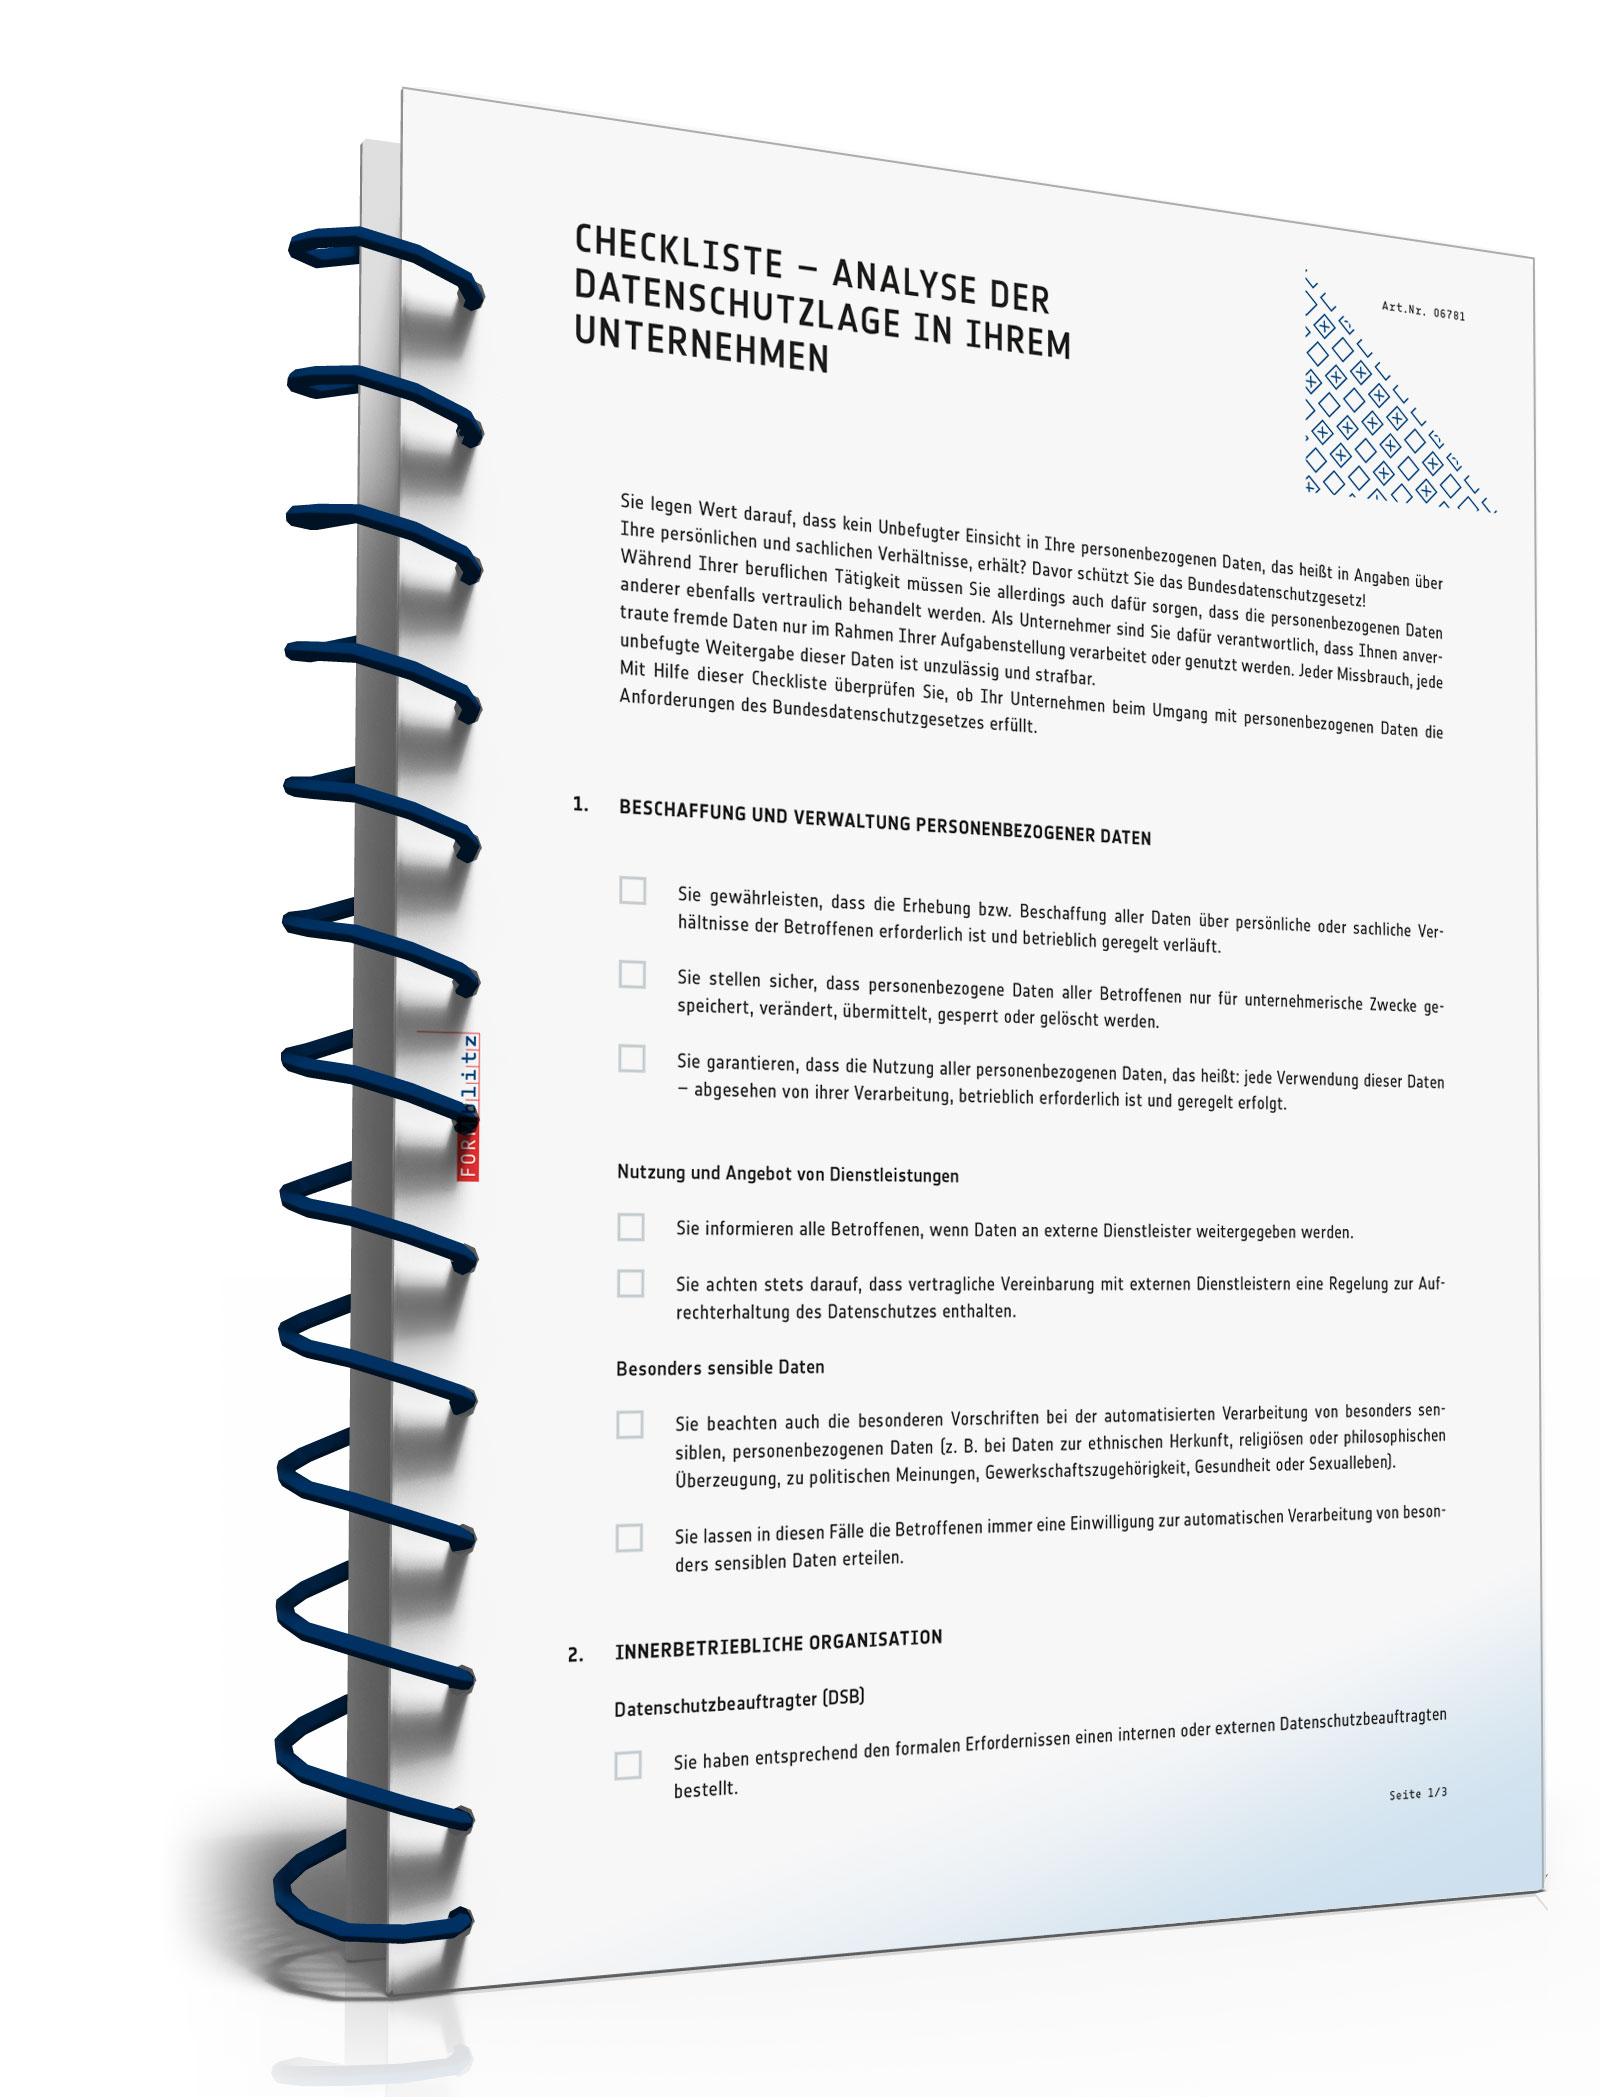 Checkliste zur Analyse der Datenschutzlage in Ihrem Unternehmen